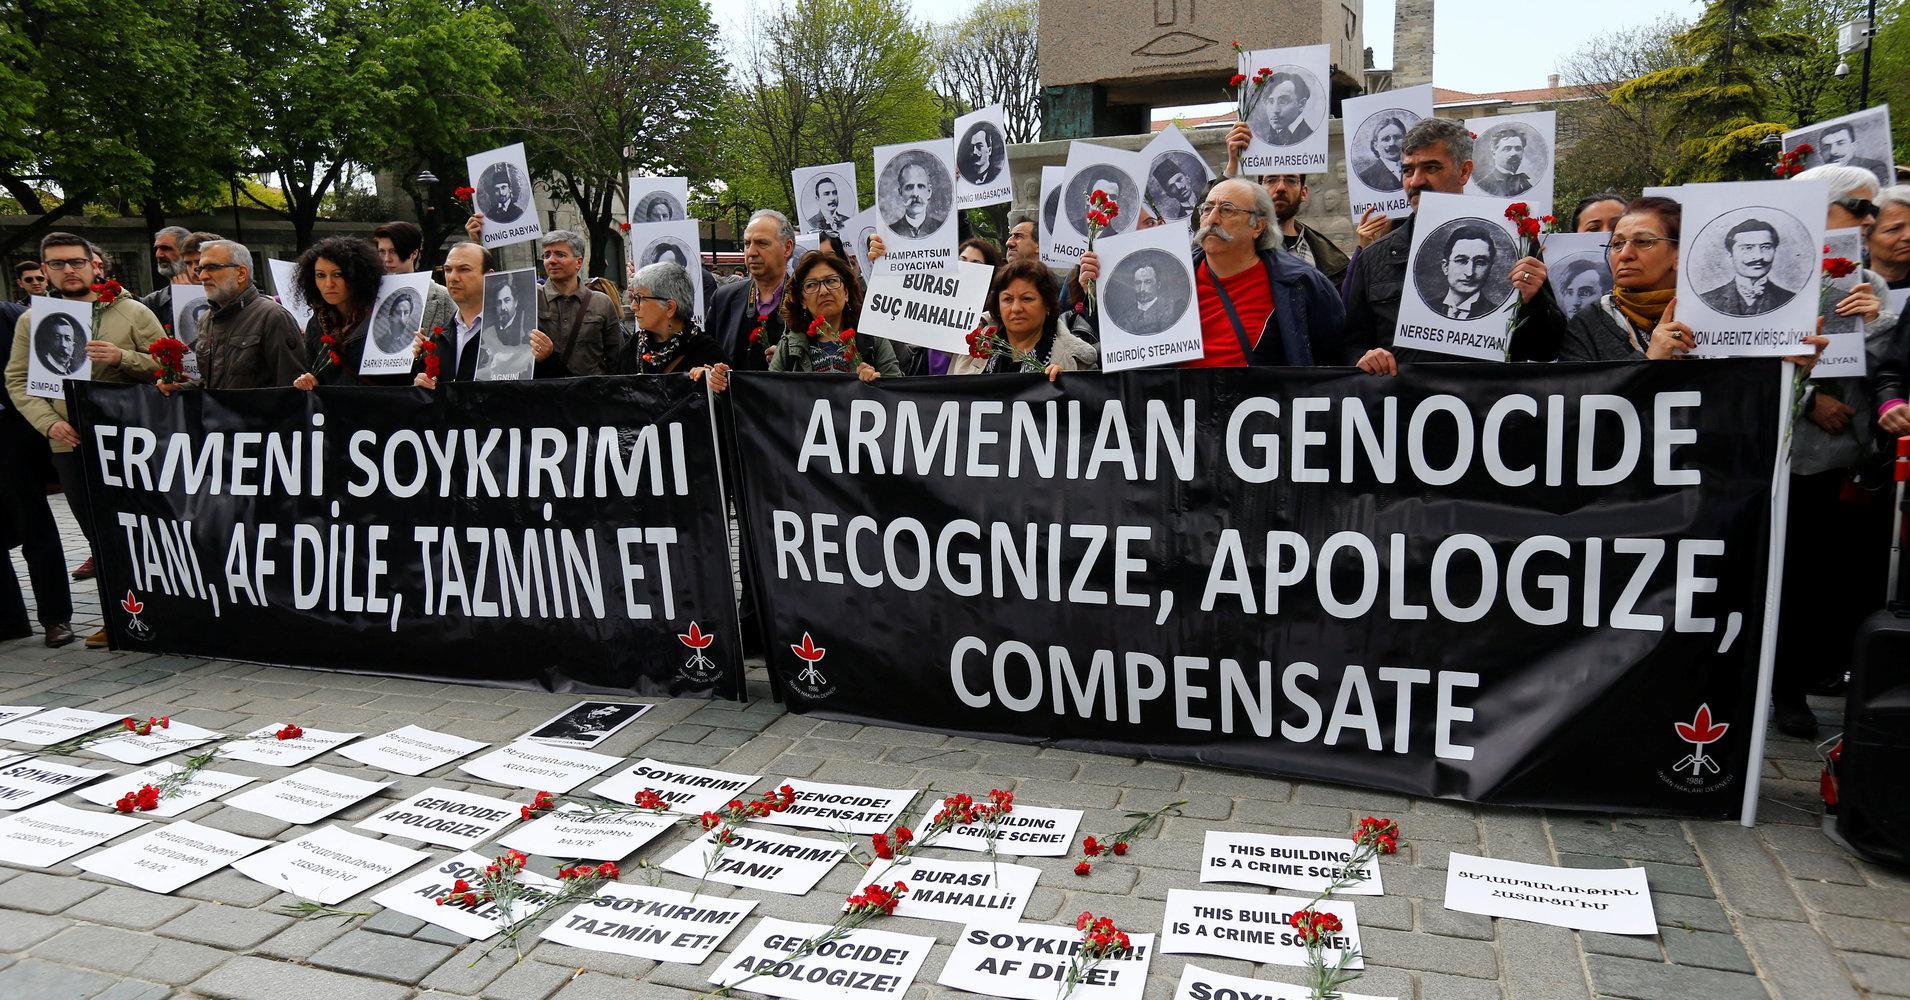 亚美尼亚人抗议